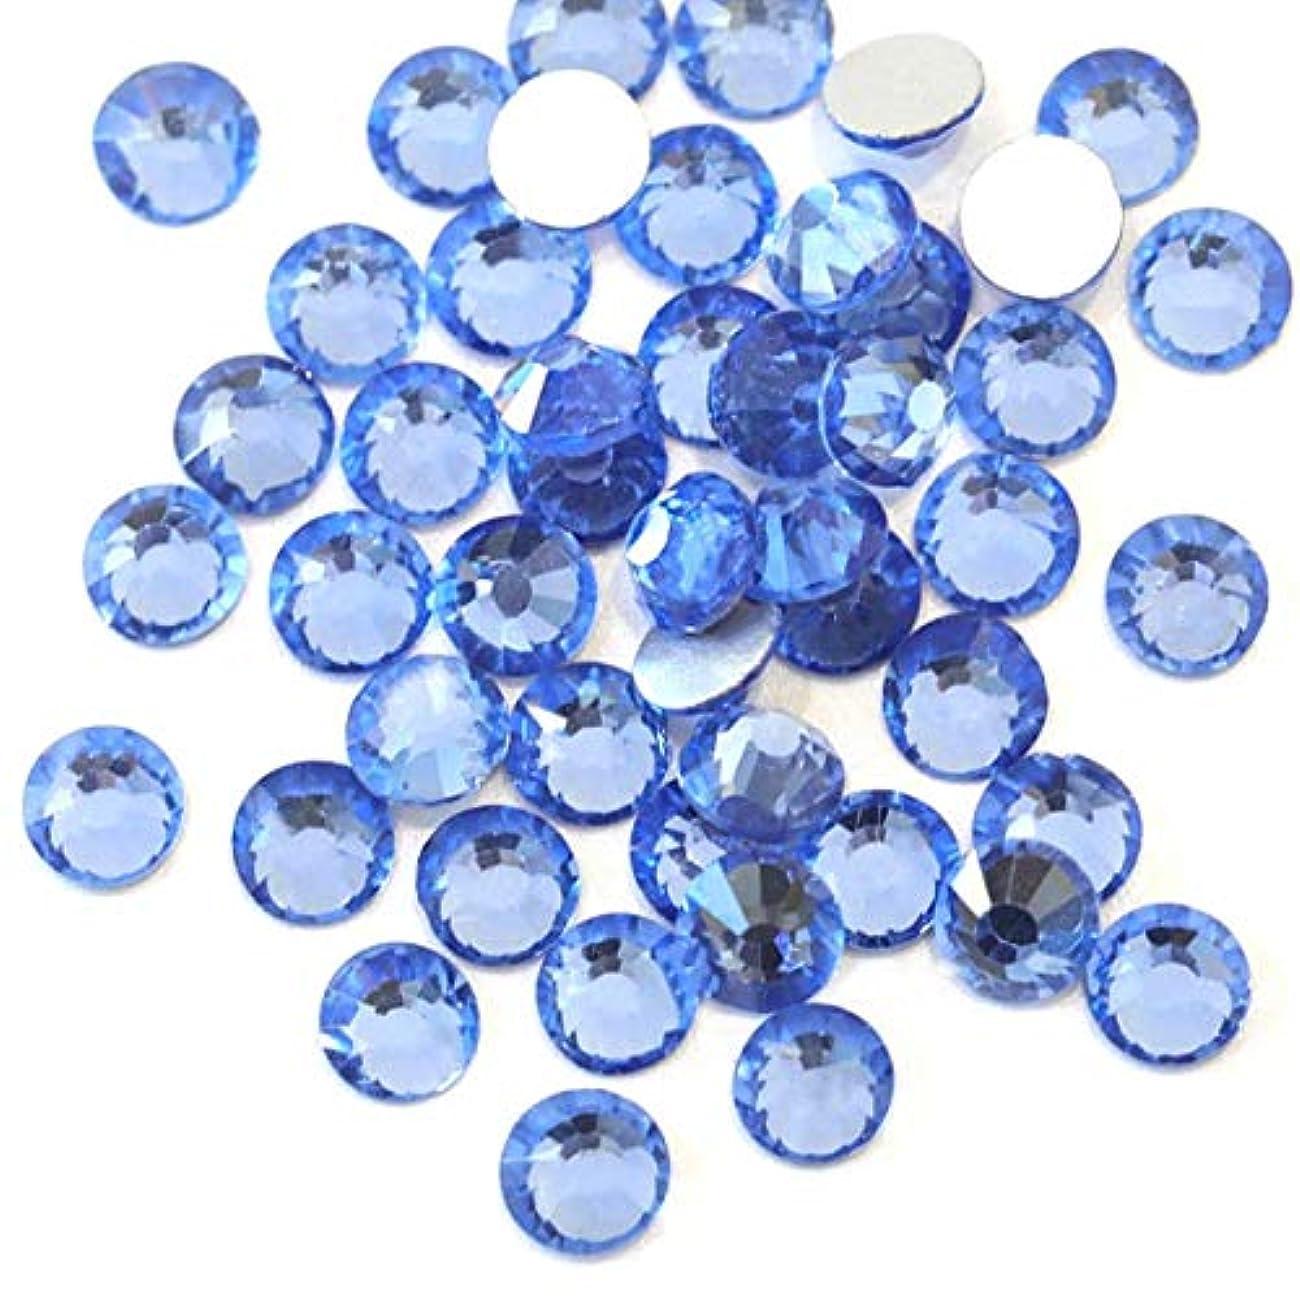 大洪水目覚める場合【ラインストーン77】高品質ガラス製ラインストーン ライトサファイア(1.7mm (SS5) 約200粒)